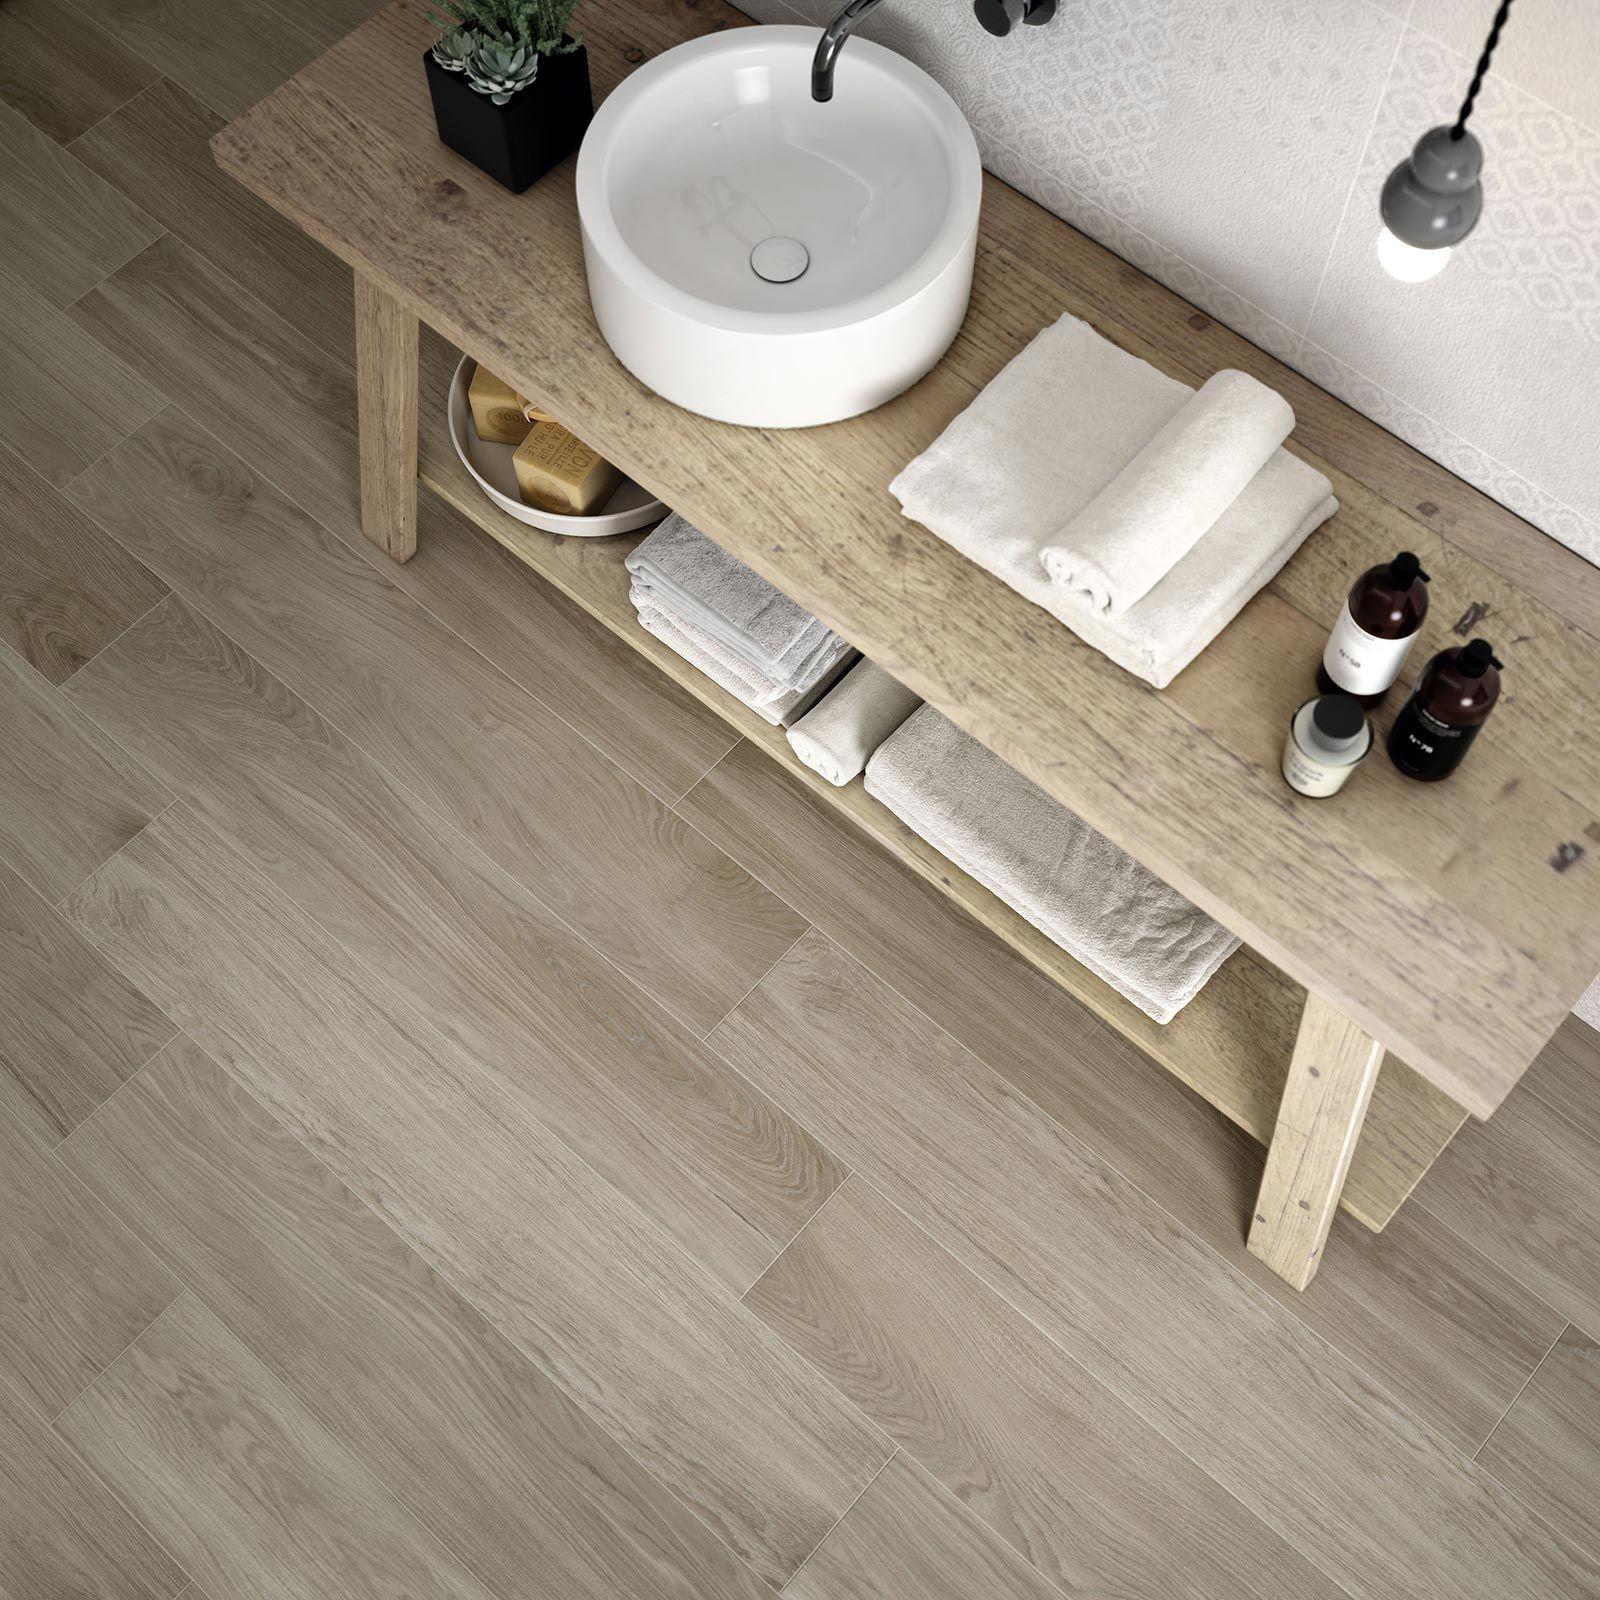 Treverkmust Pavimento Effetto Legno Marazzi Materia Effetto  ~ Pavimento Ceramico Imitacion Madera